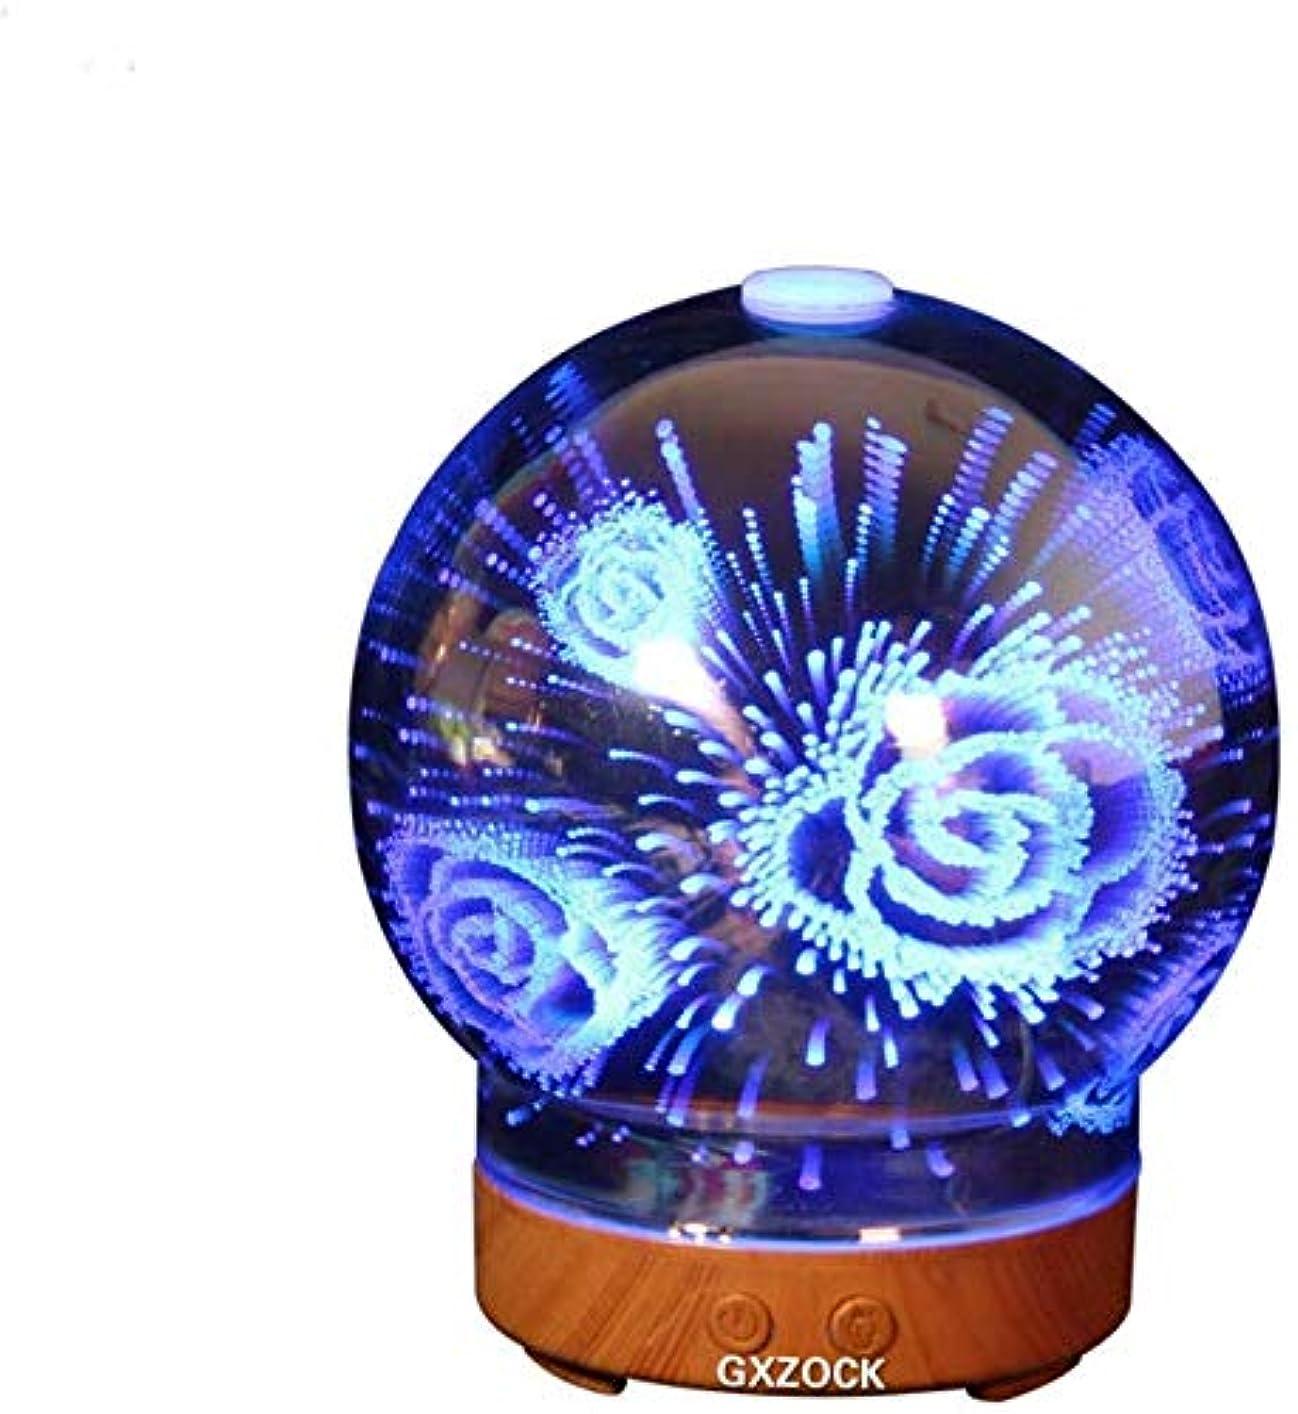 南西裏切り者ヶ月目エッセンシャルオイルディフューザー、3D効果の超音波クールミスト加湿器、アロマエッセンシャルオイル3Dガラスディフューザー100ml、ファンタジーアロマセラピーランプ3Dカラフルミニアロマエッセンシャルオイルディフューザーヒュミディデコレーション